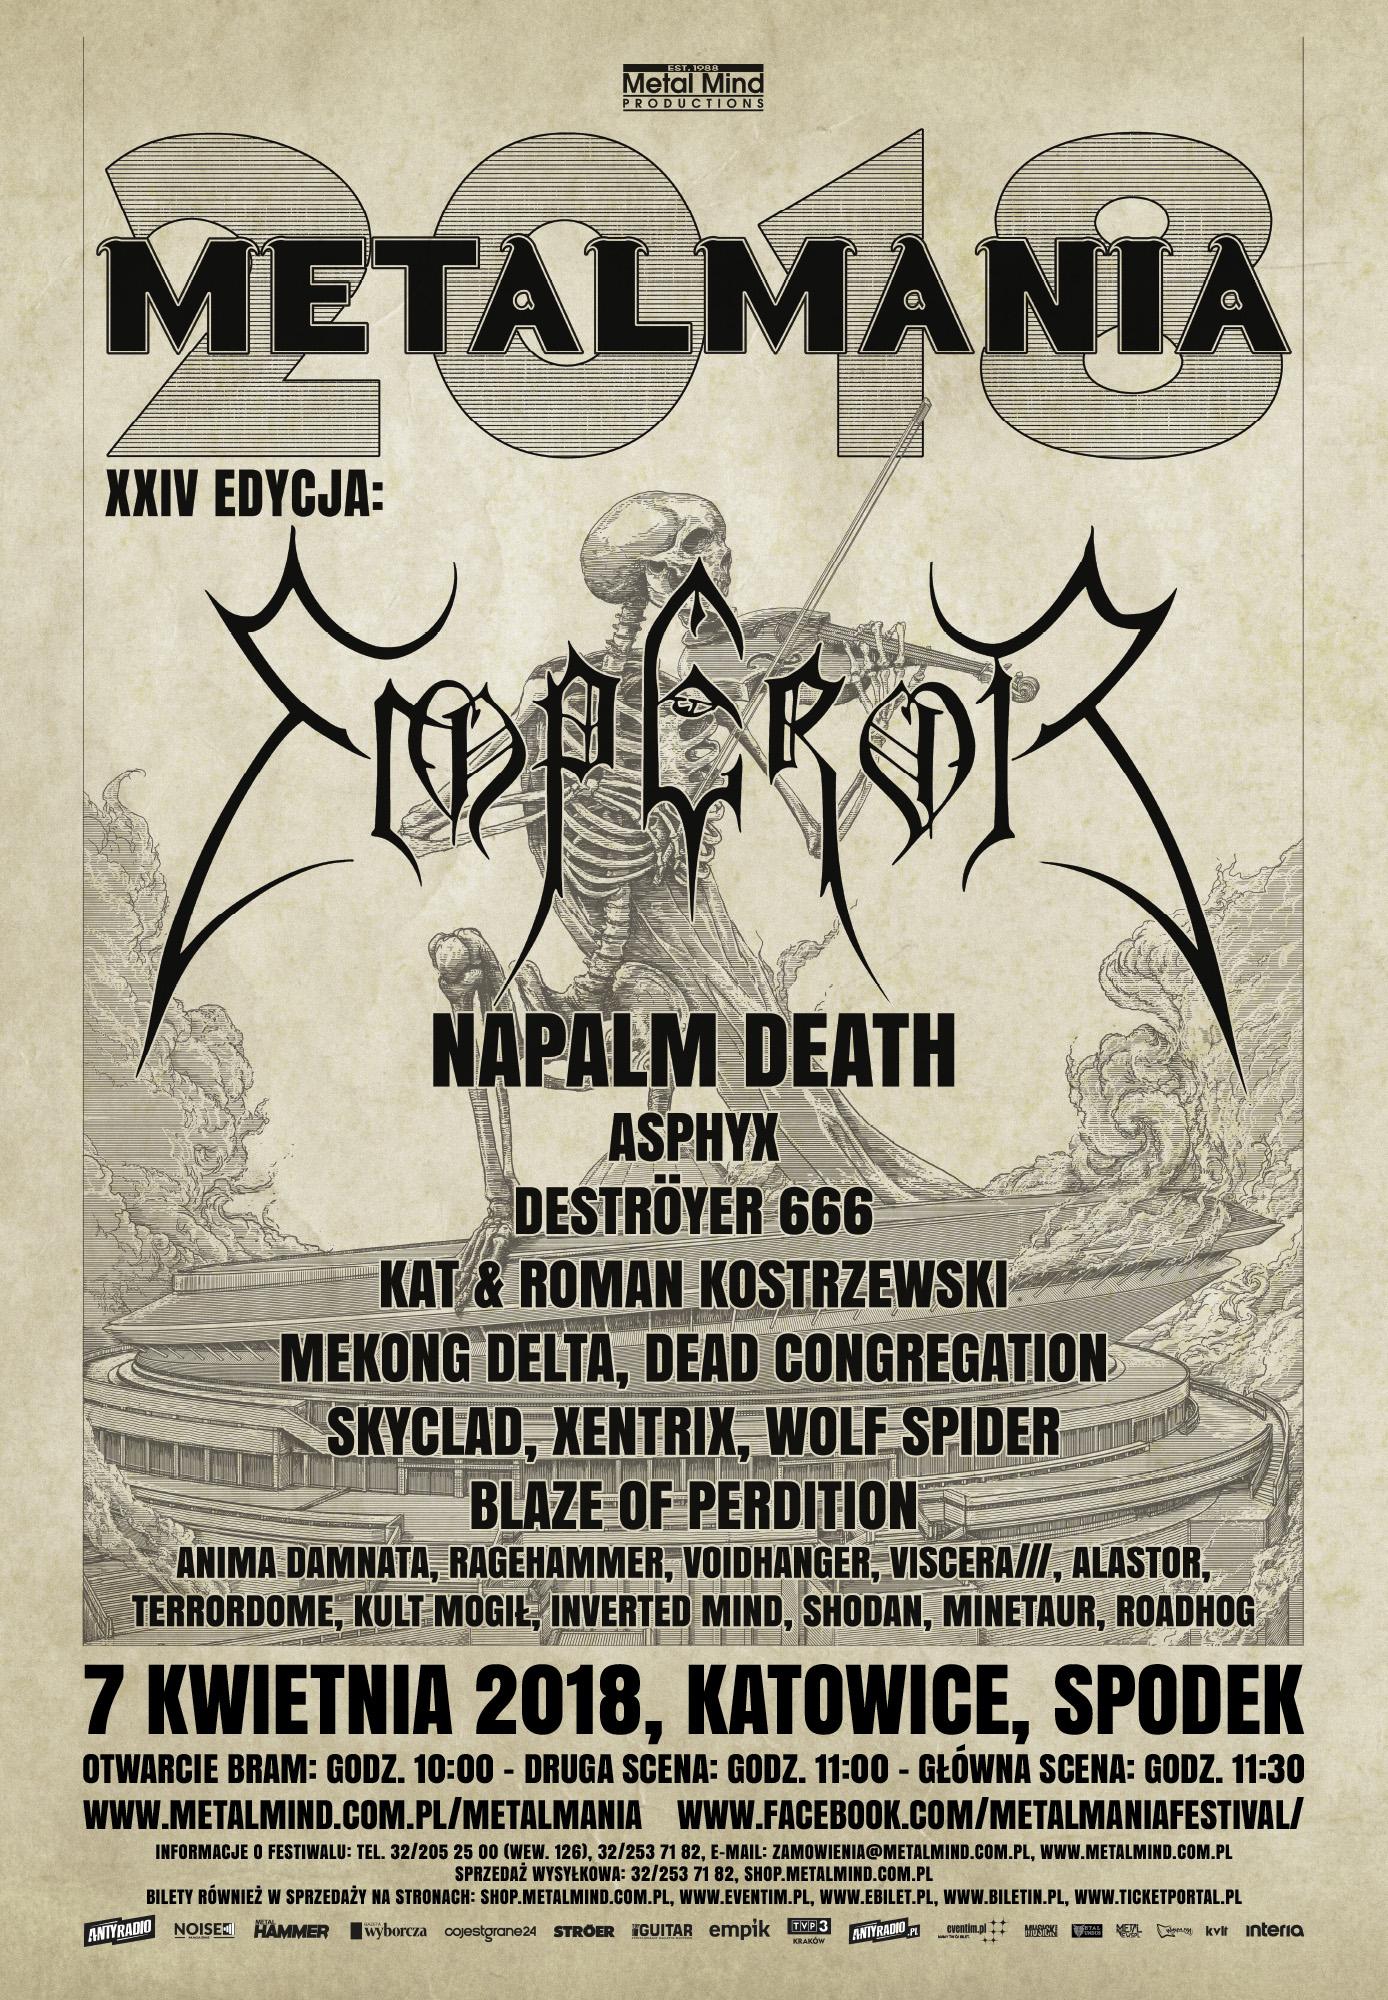 Metalmania 2018 - kolejne szczegóły festiwalu!